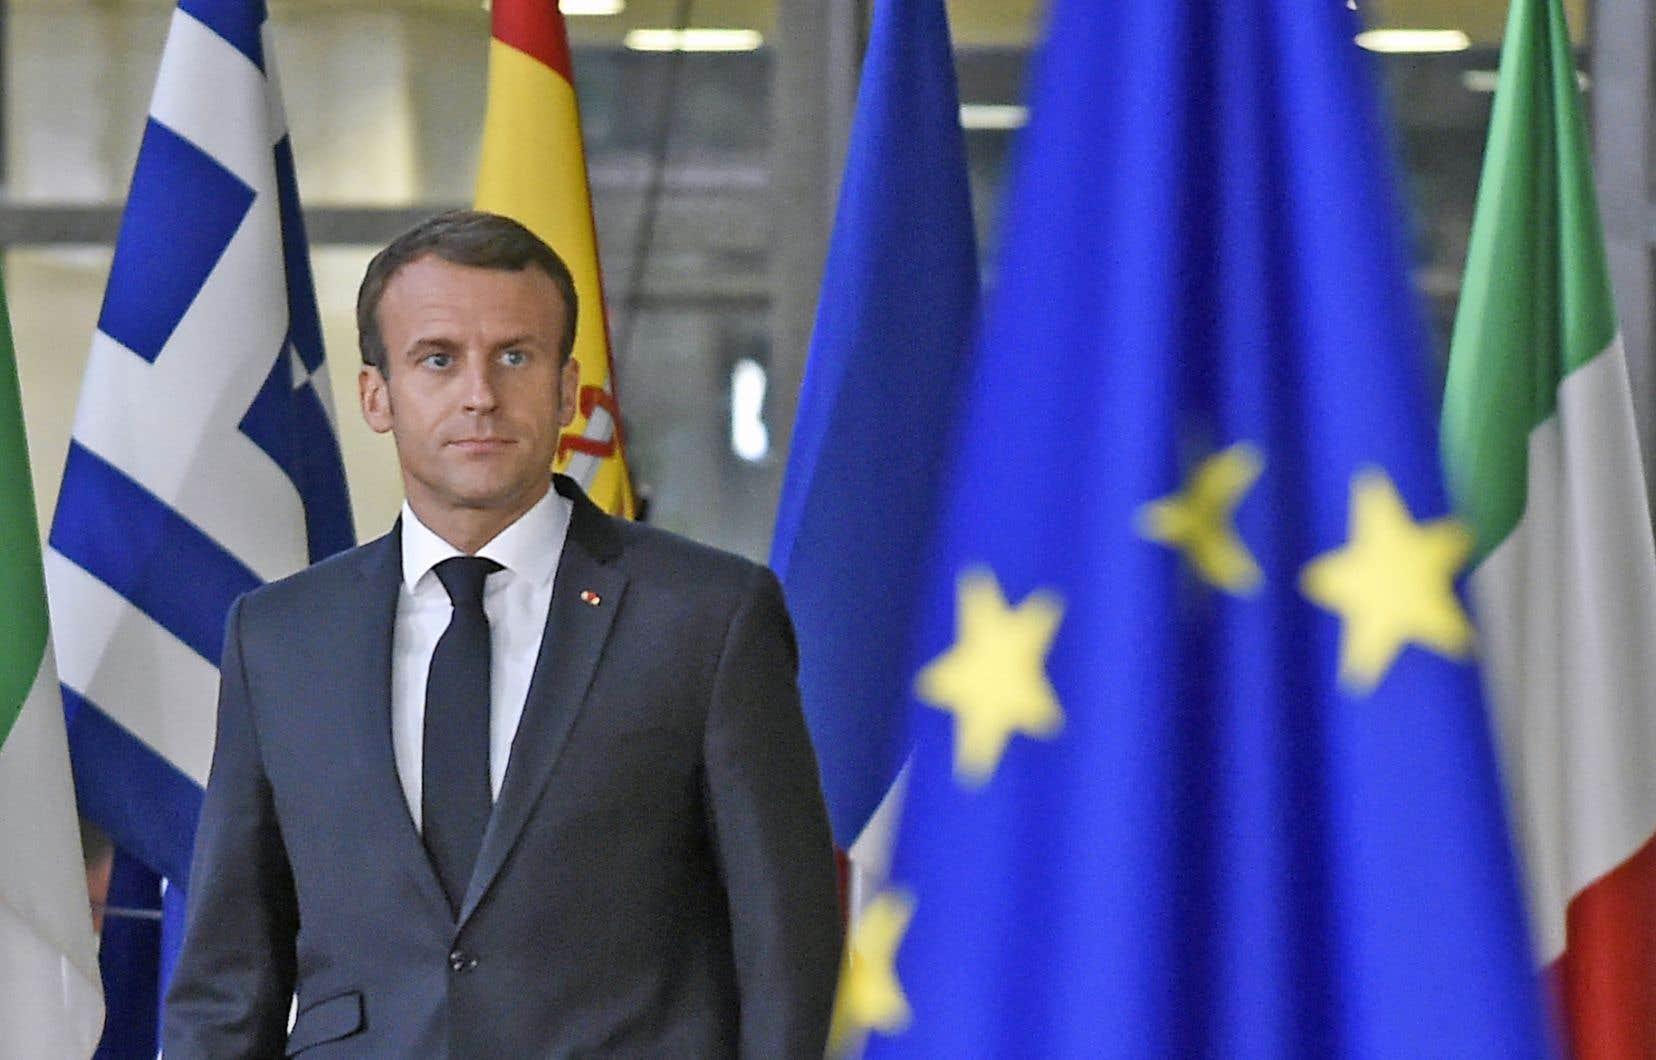 Après un an et demi de réformes, souvent dans la ligne directe de celles que prévoyait François Hollande, Emmanuel Macron n'est parvenu à faire baisser le chômage que de 1%.